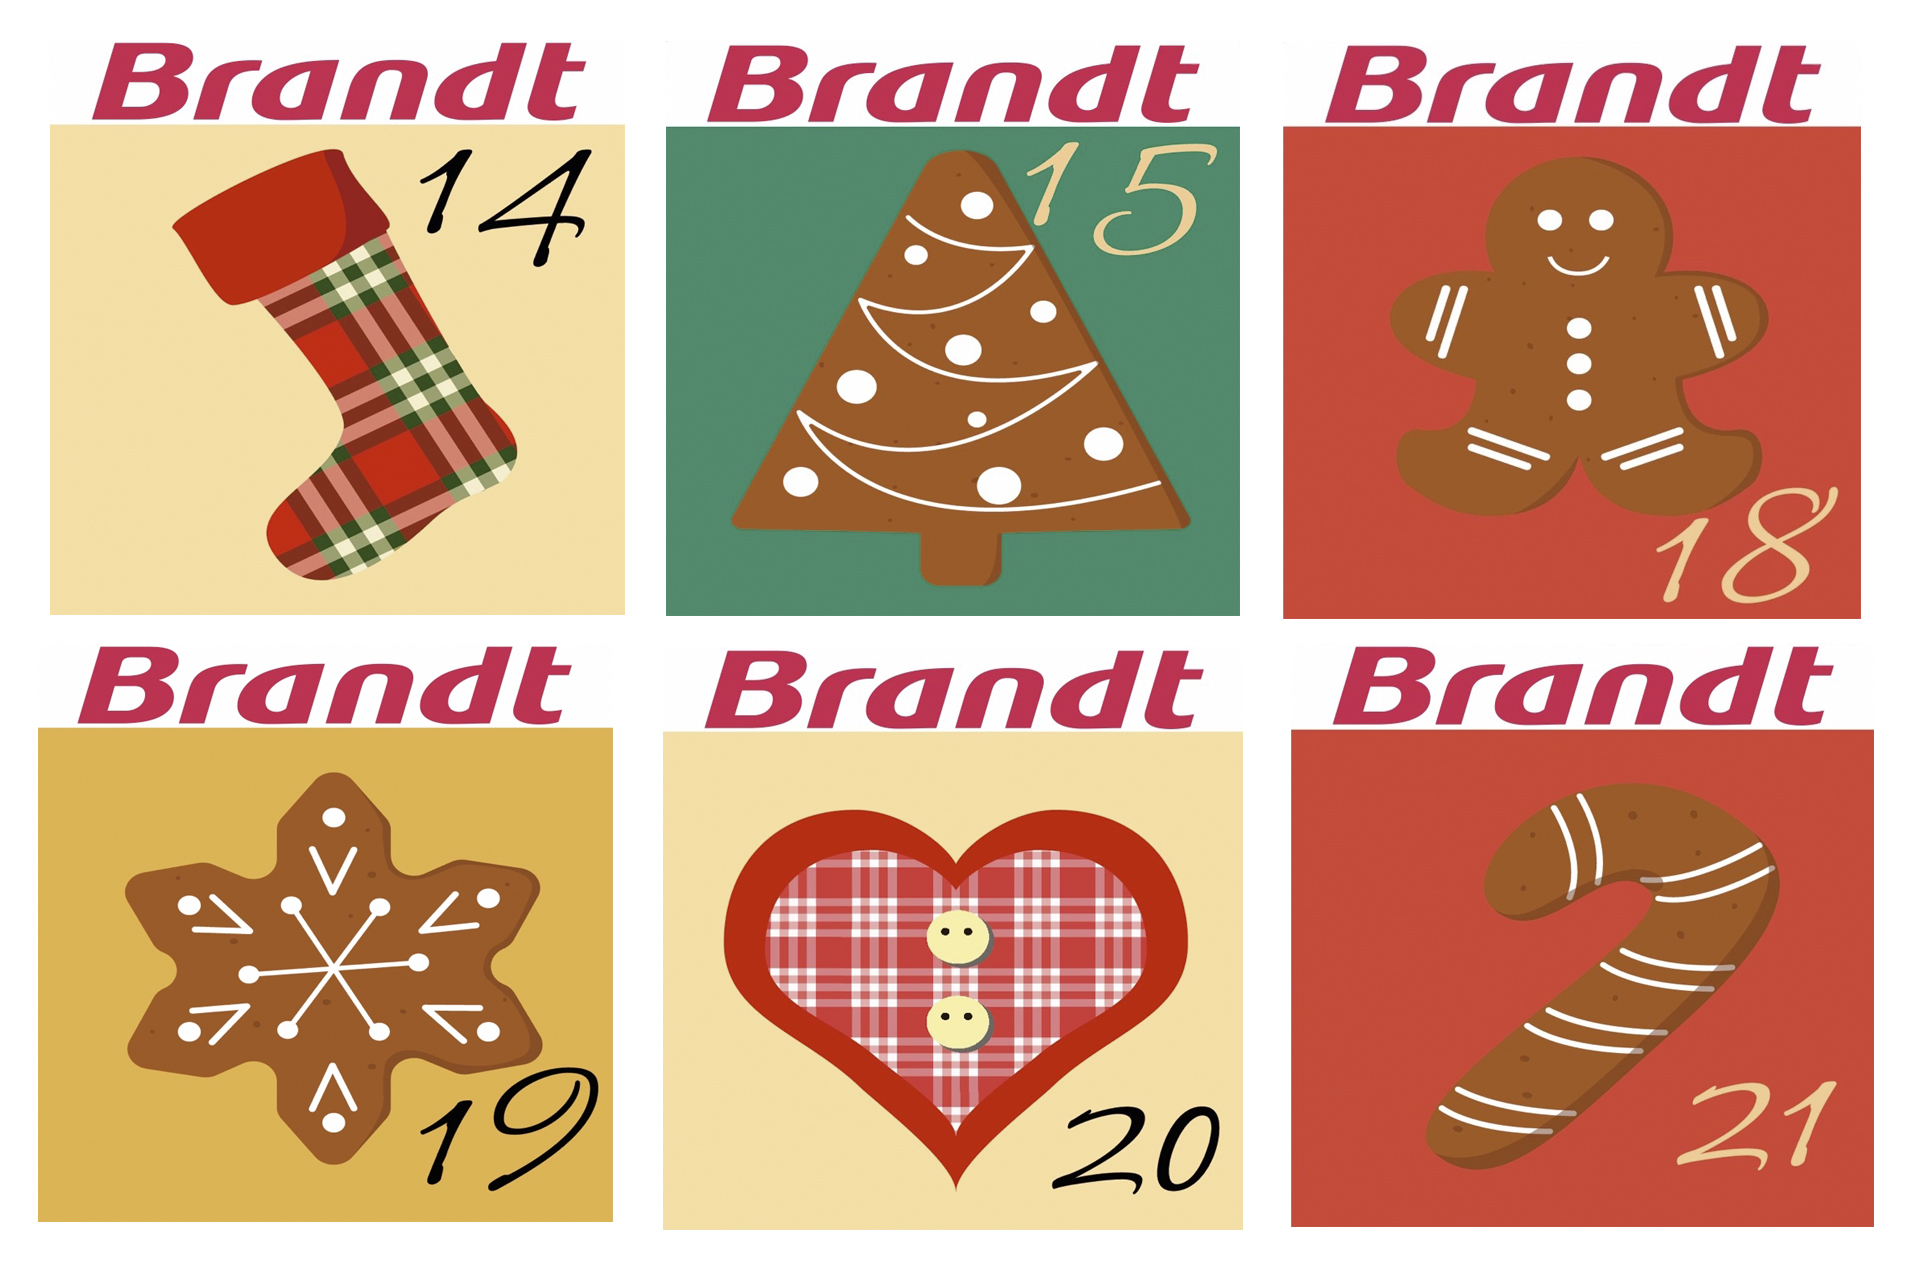 Calendario Adviento Brandt 2017